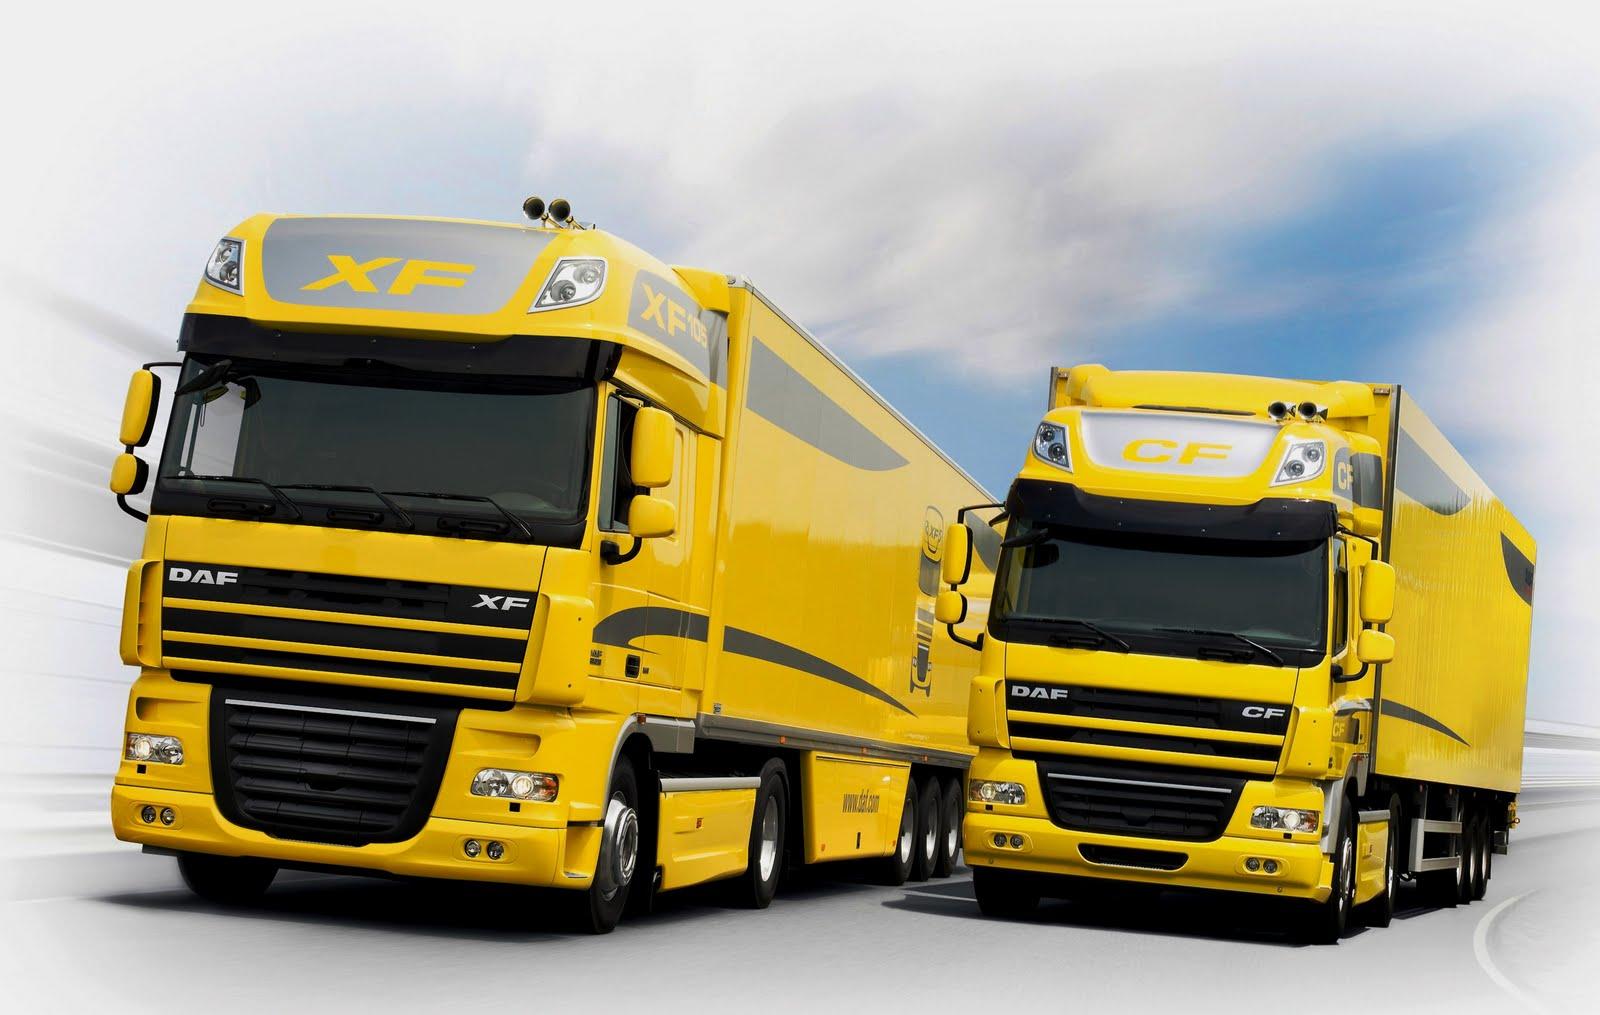 Trucks Paccar quer produzir caminhes DAF no Brasil 1600x1015